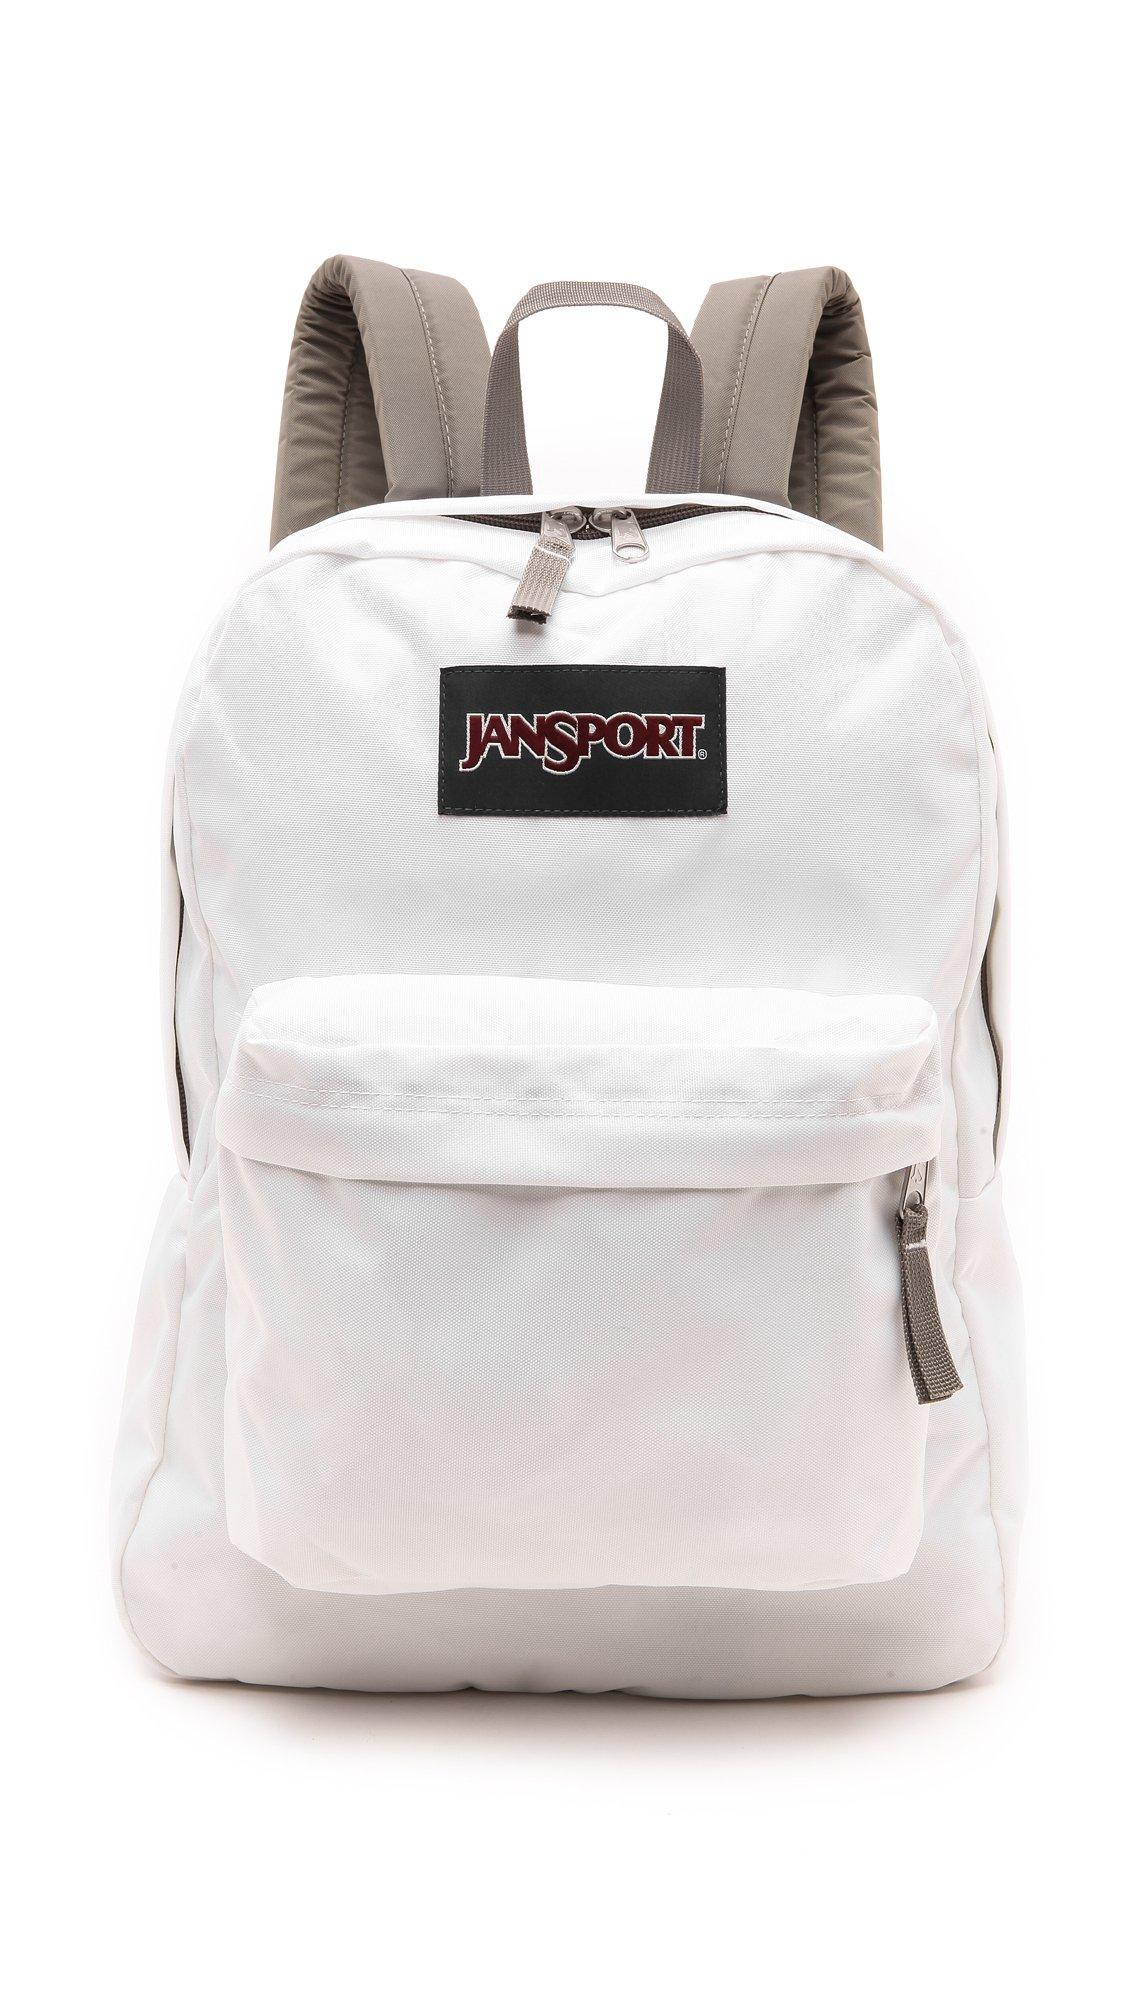 JanSport Superbreak Backpack (White/Grey) by JanSport